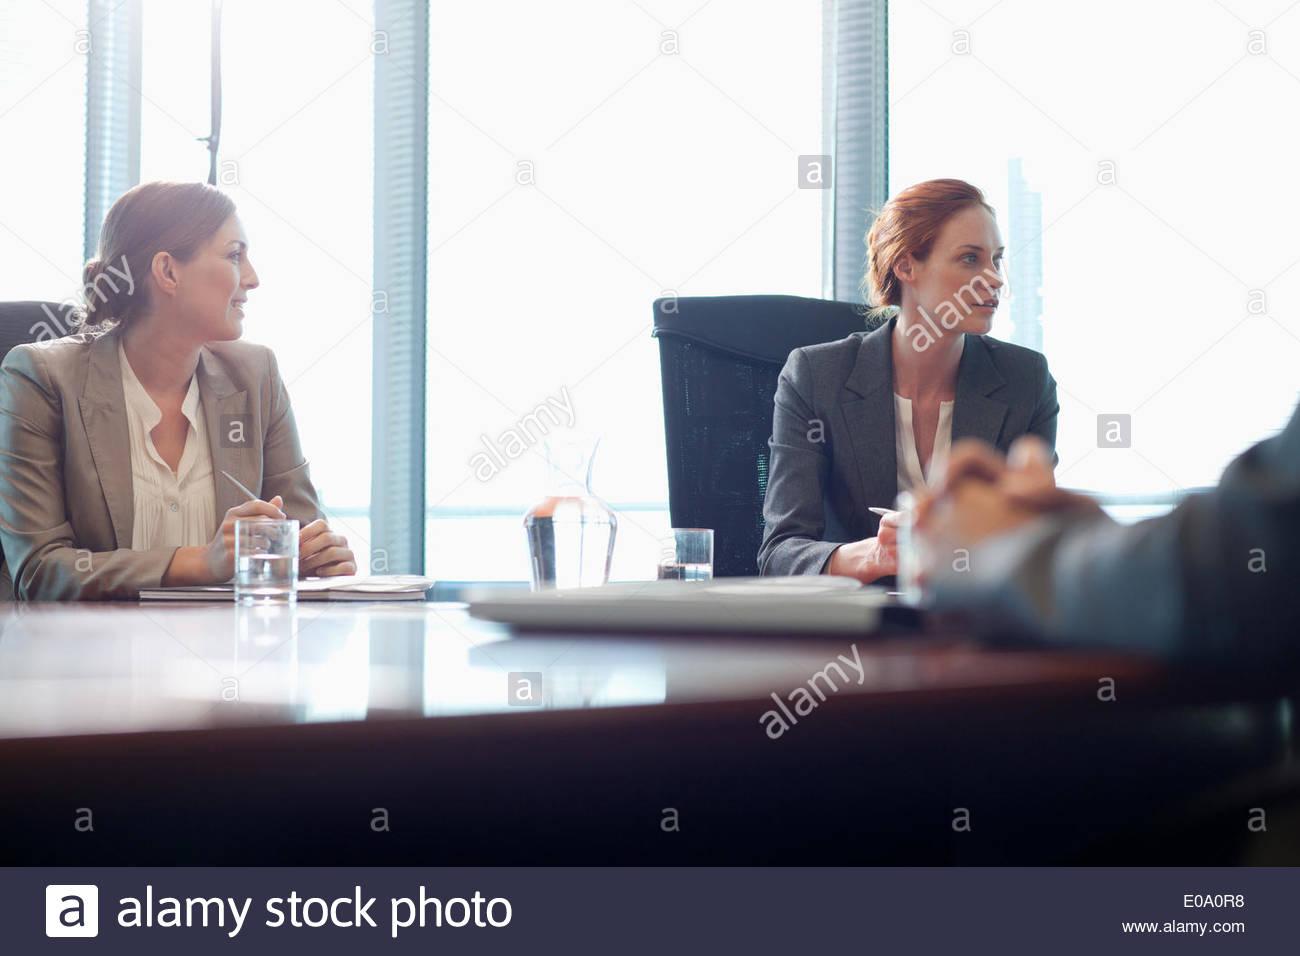 Businesswomen in meeting - Stock Image